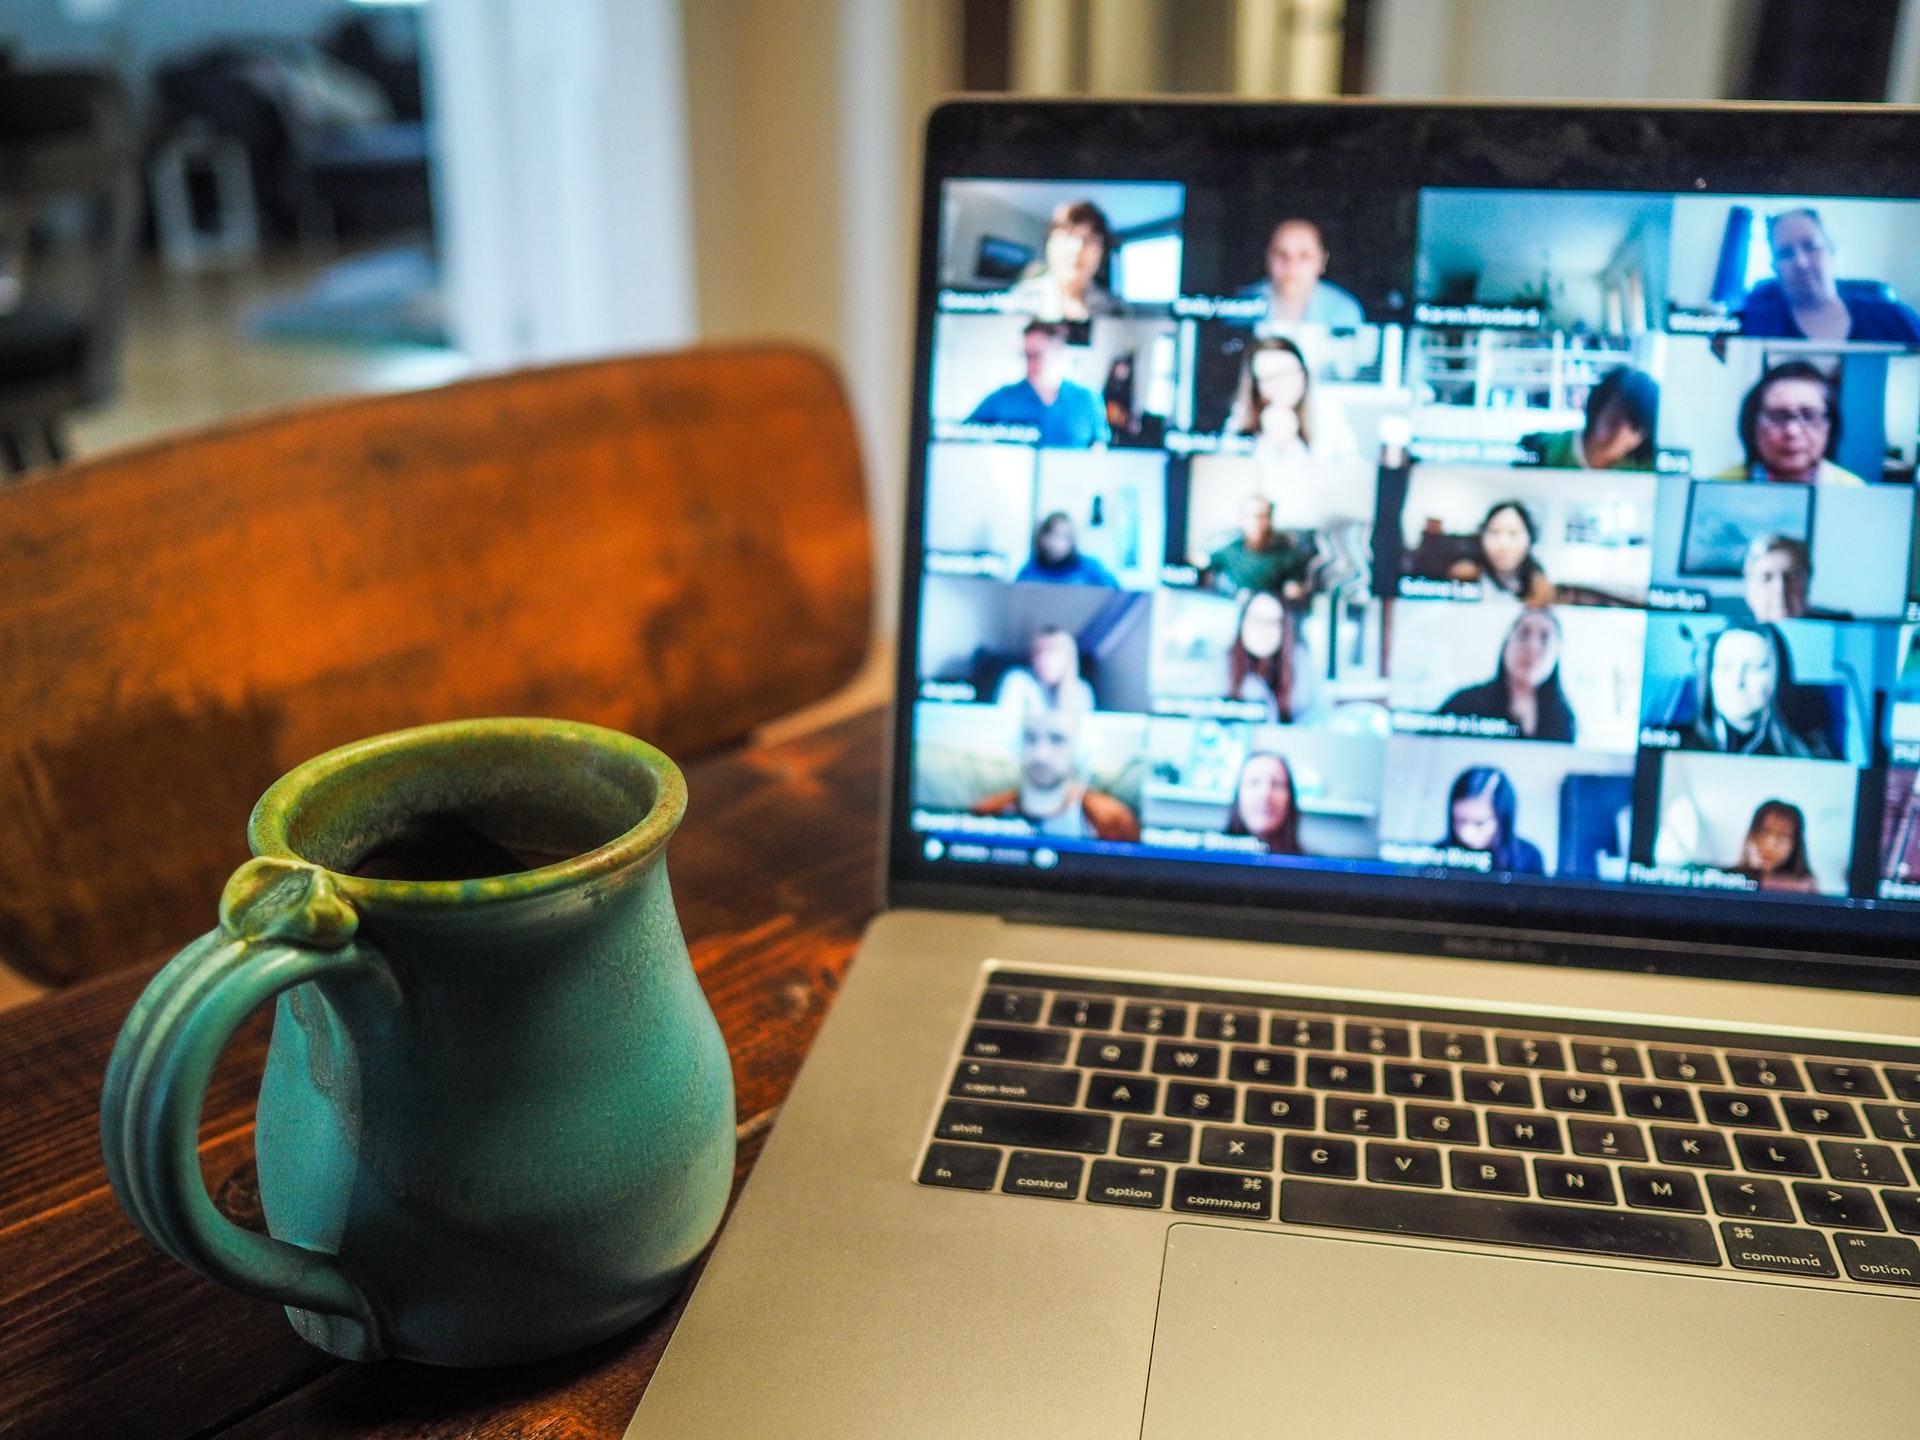 Aplicația pentru videoconferințe Google Meet primește funcționalități noi și atacă supremația ZOOM